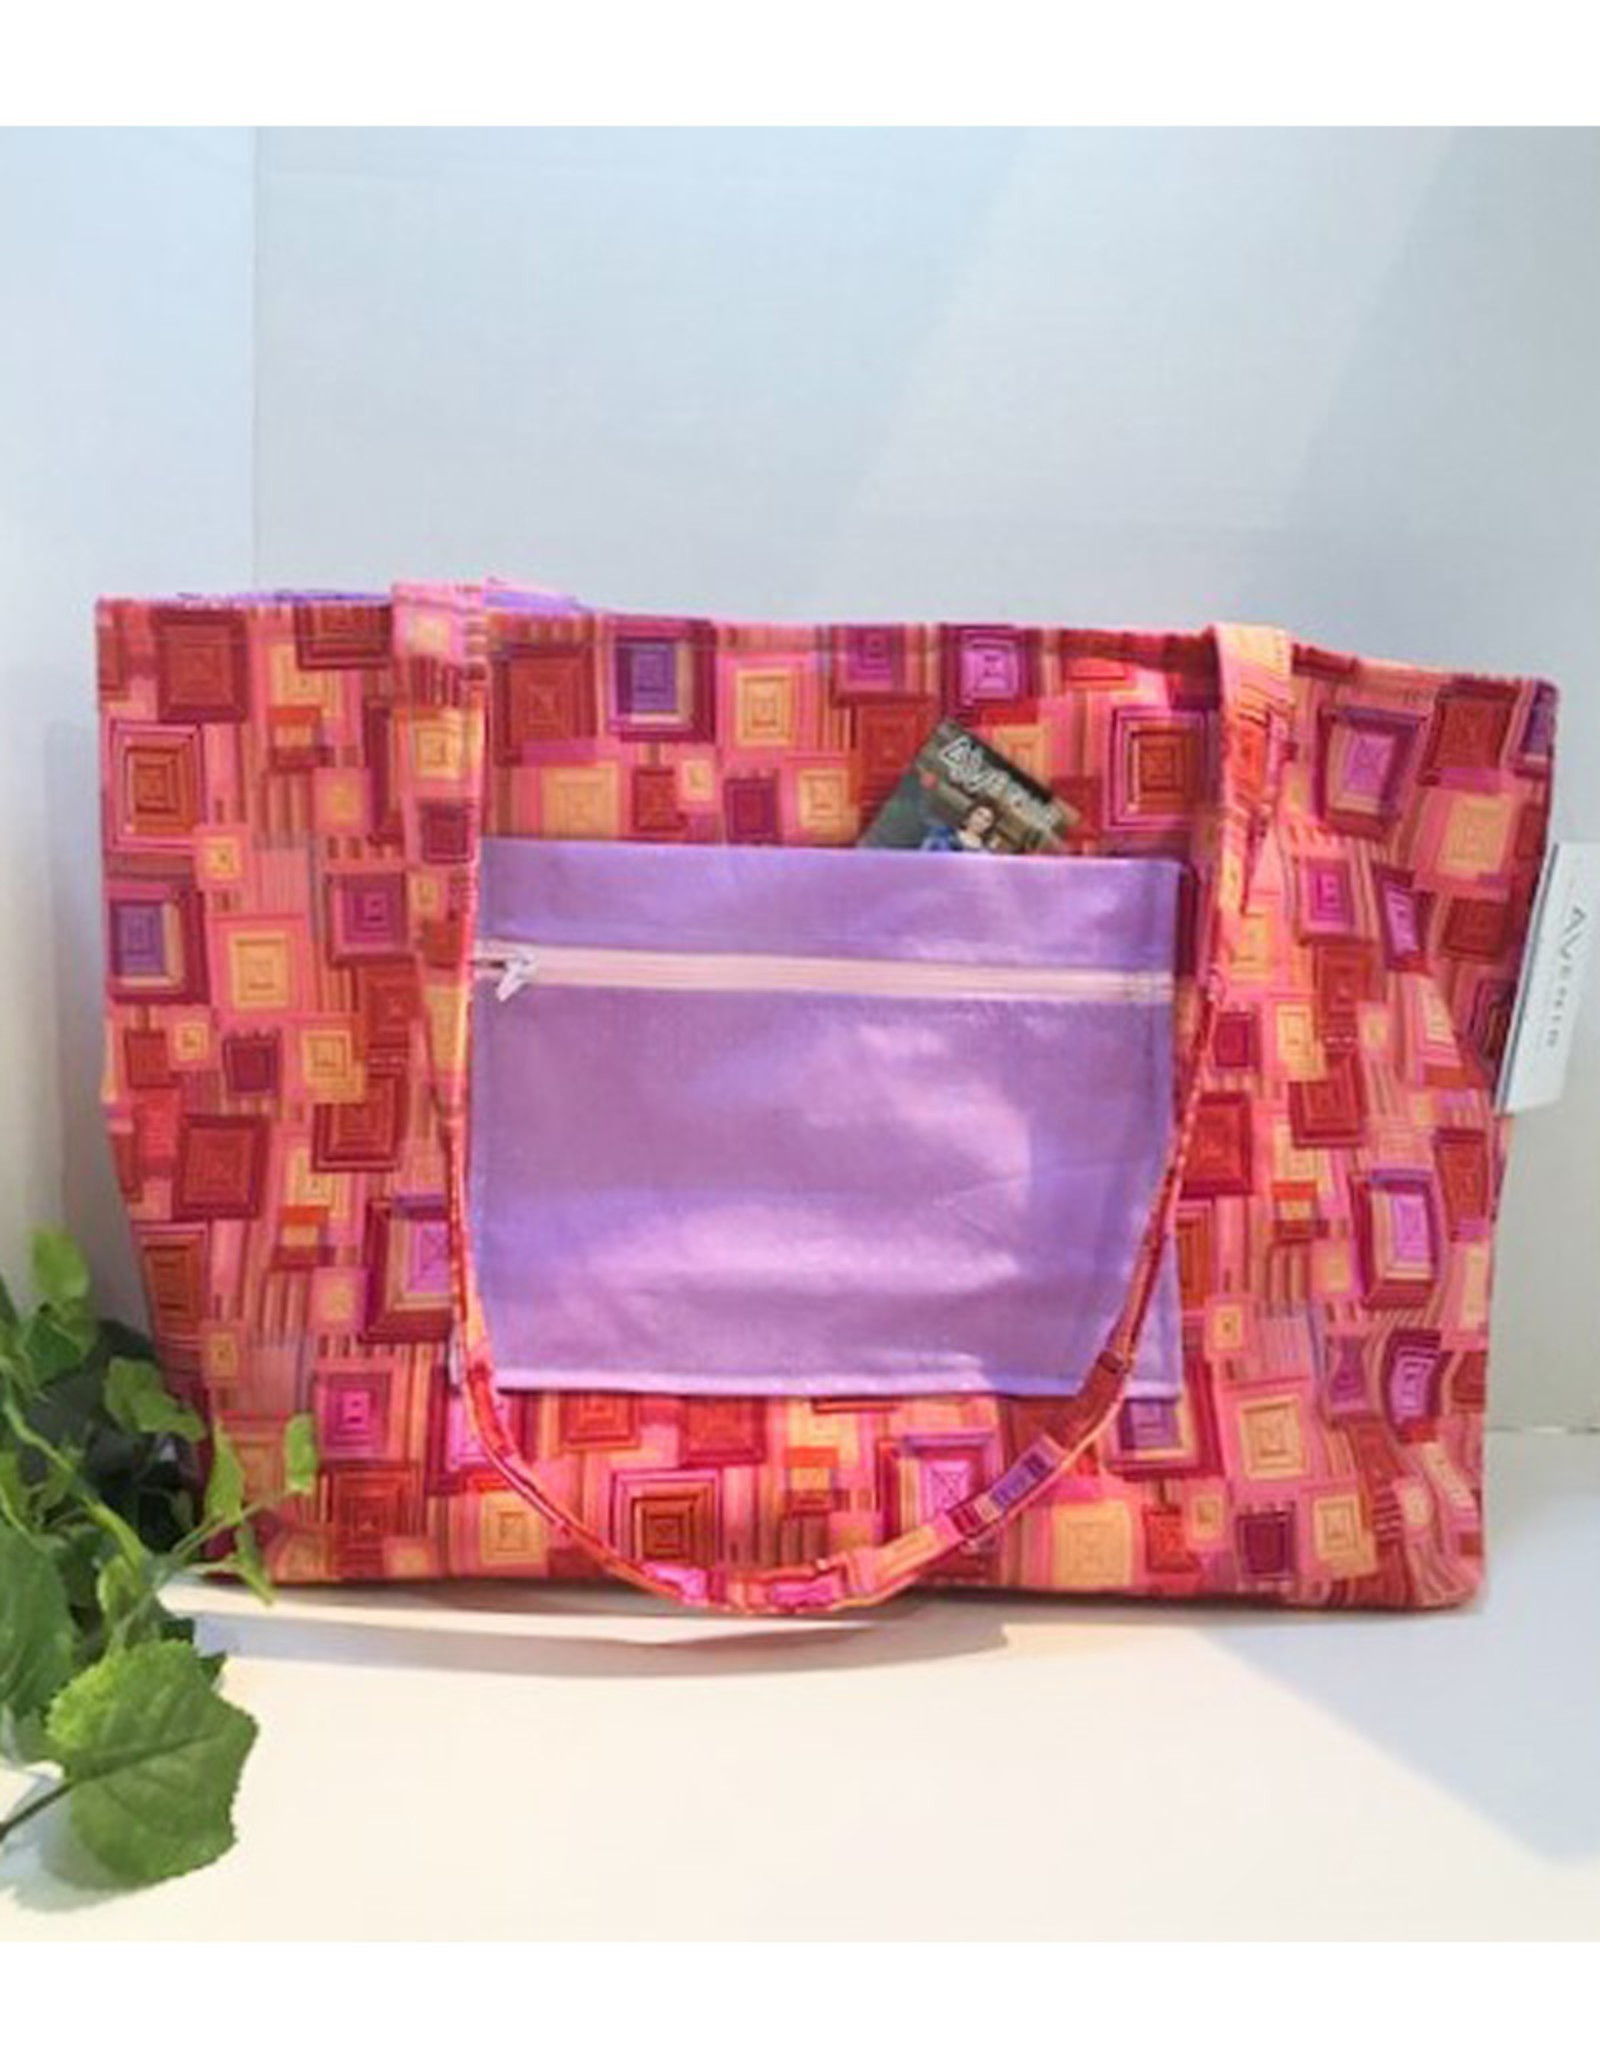 Large Pink Tote Bag - Large